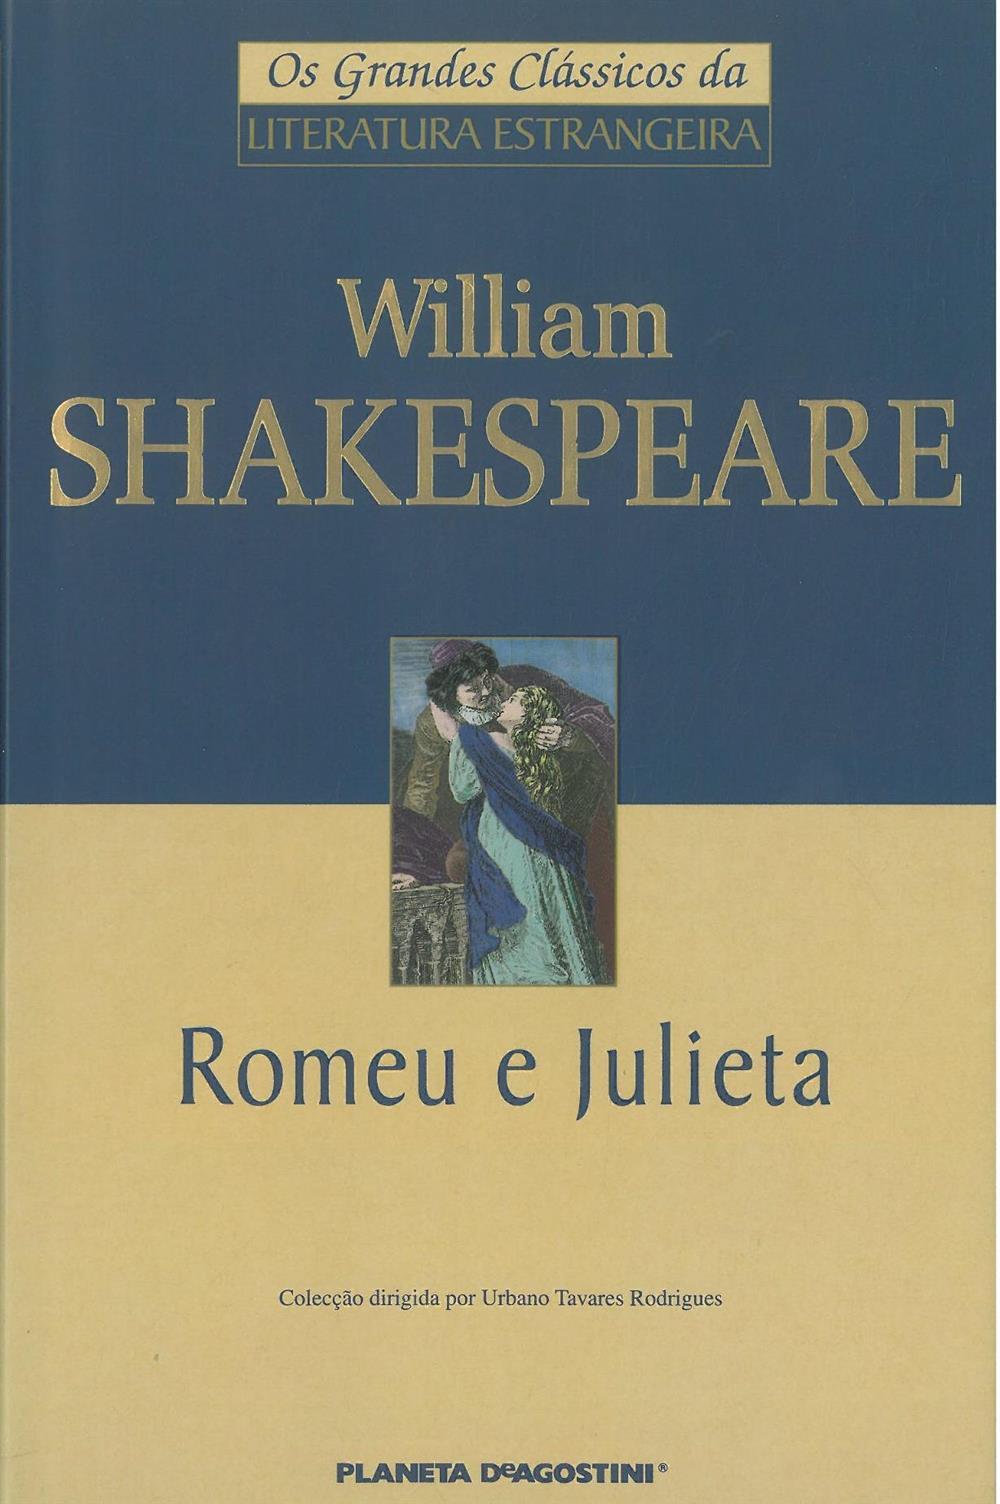 Romeu e Julieta.jpg